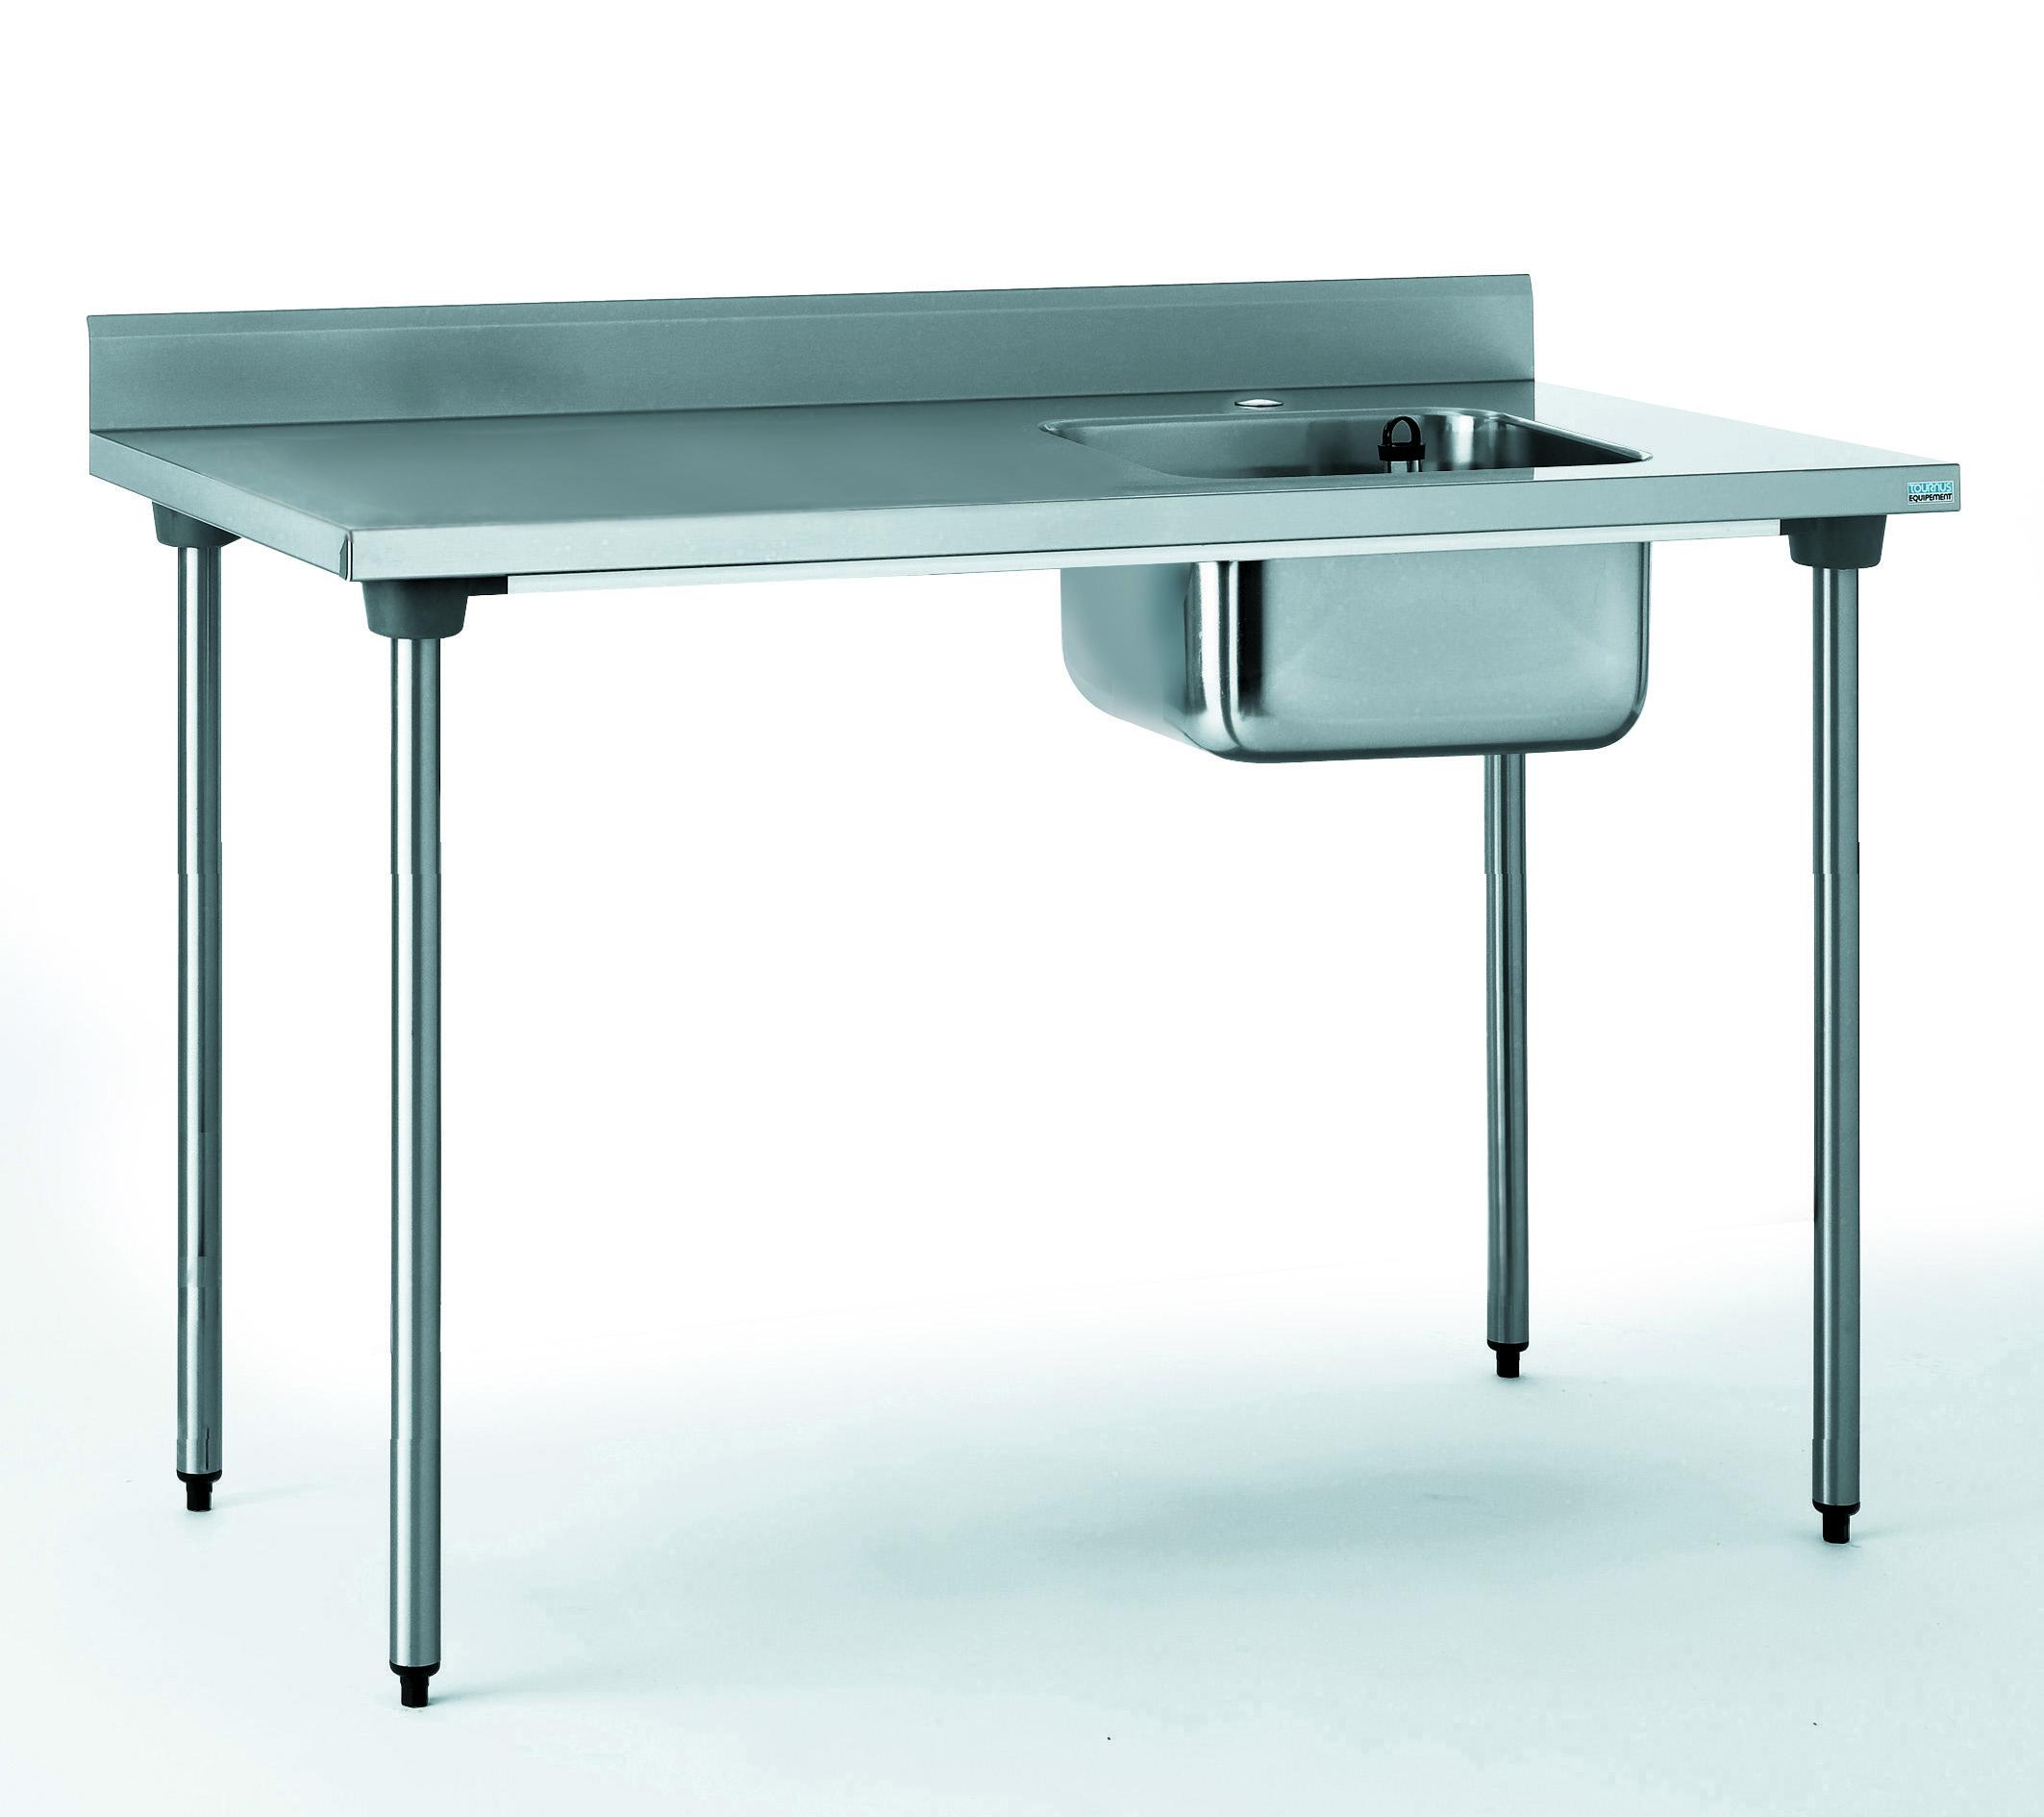 TABLE DU CHEF CHR 700X1200 BAC A DROITE SANS ROBINET